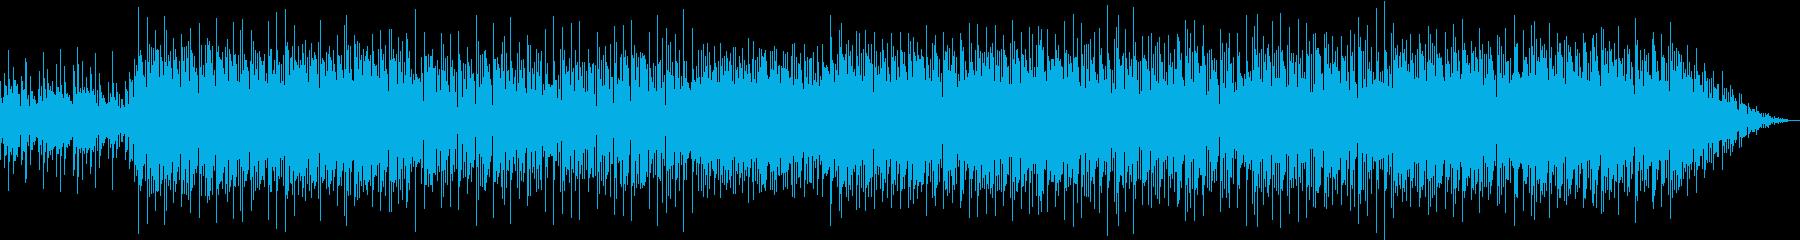 トロピカルなイメージの再生済みの波形